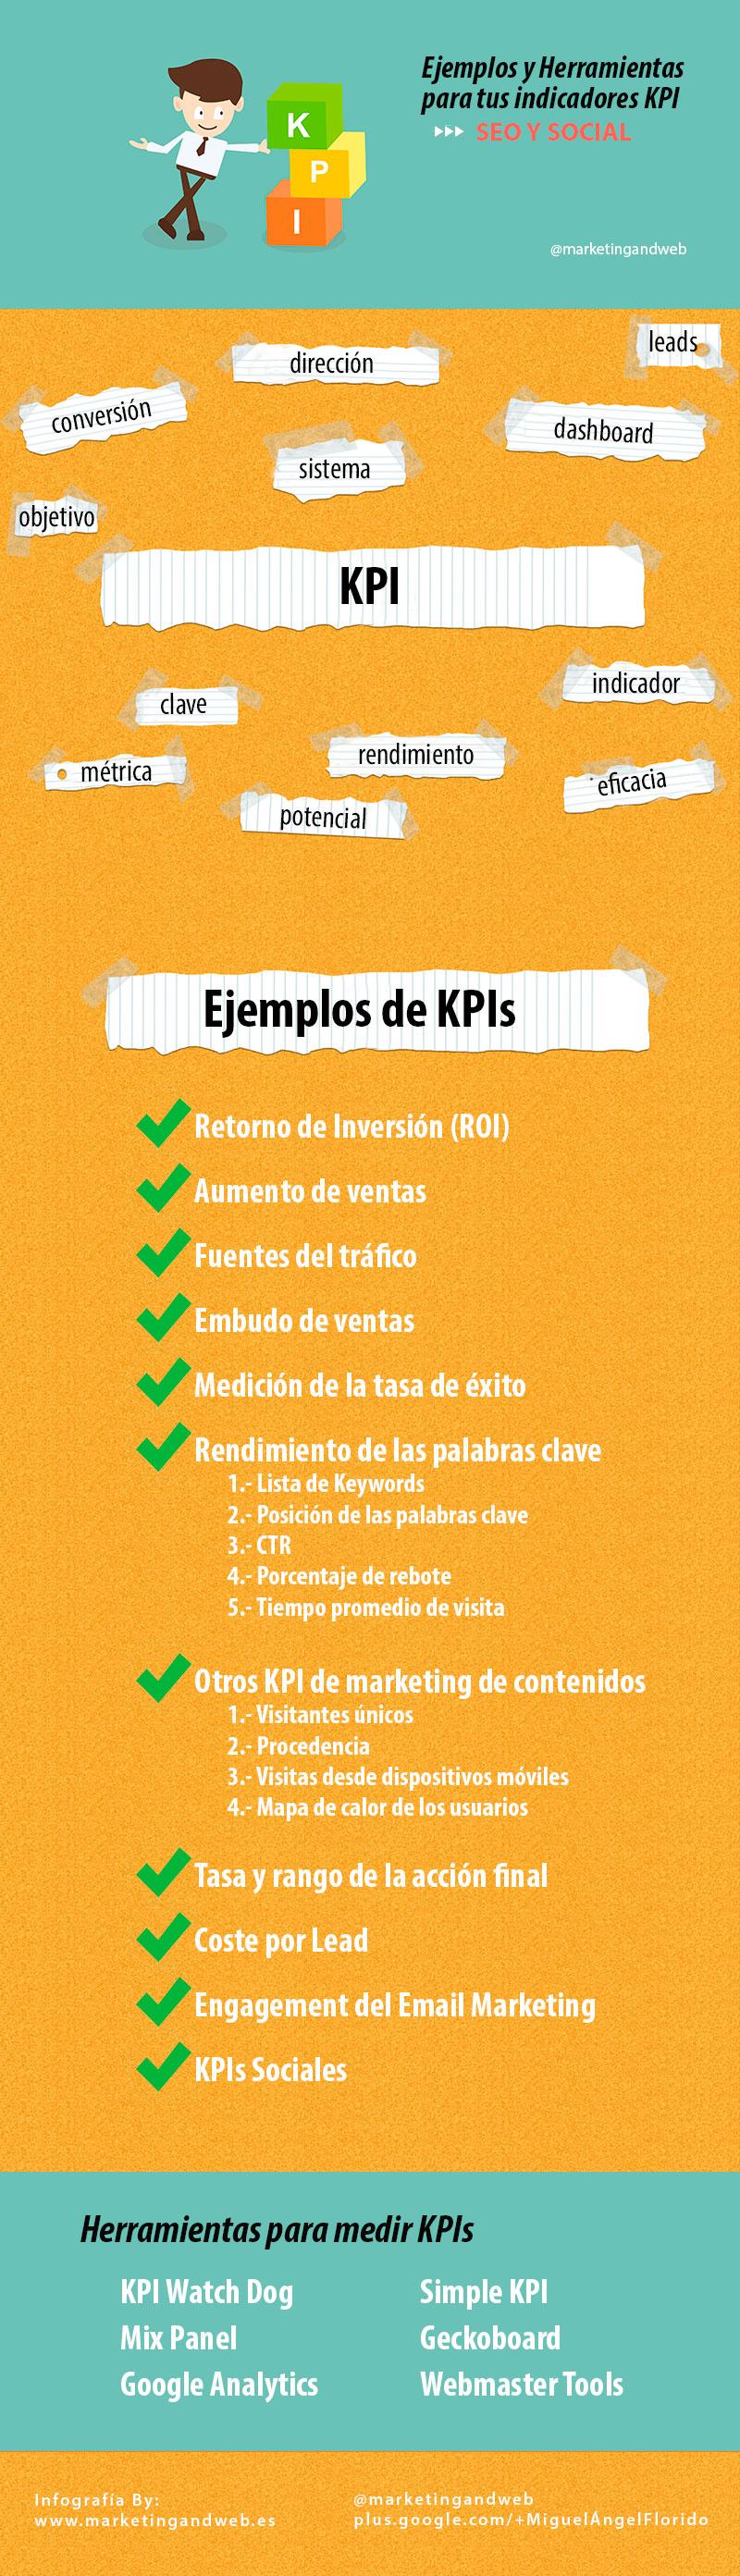 Ejemplos y herramientas para tus indicadores KPI